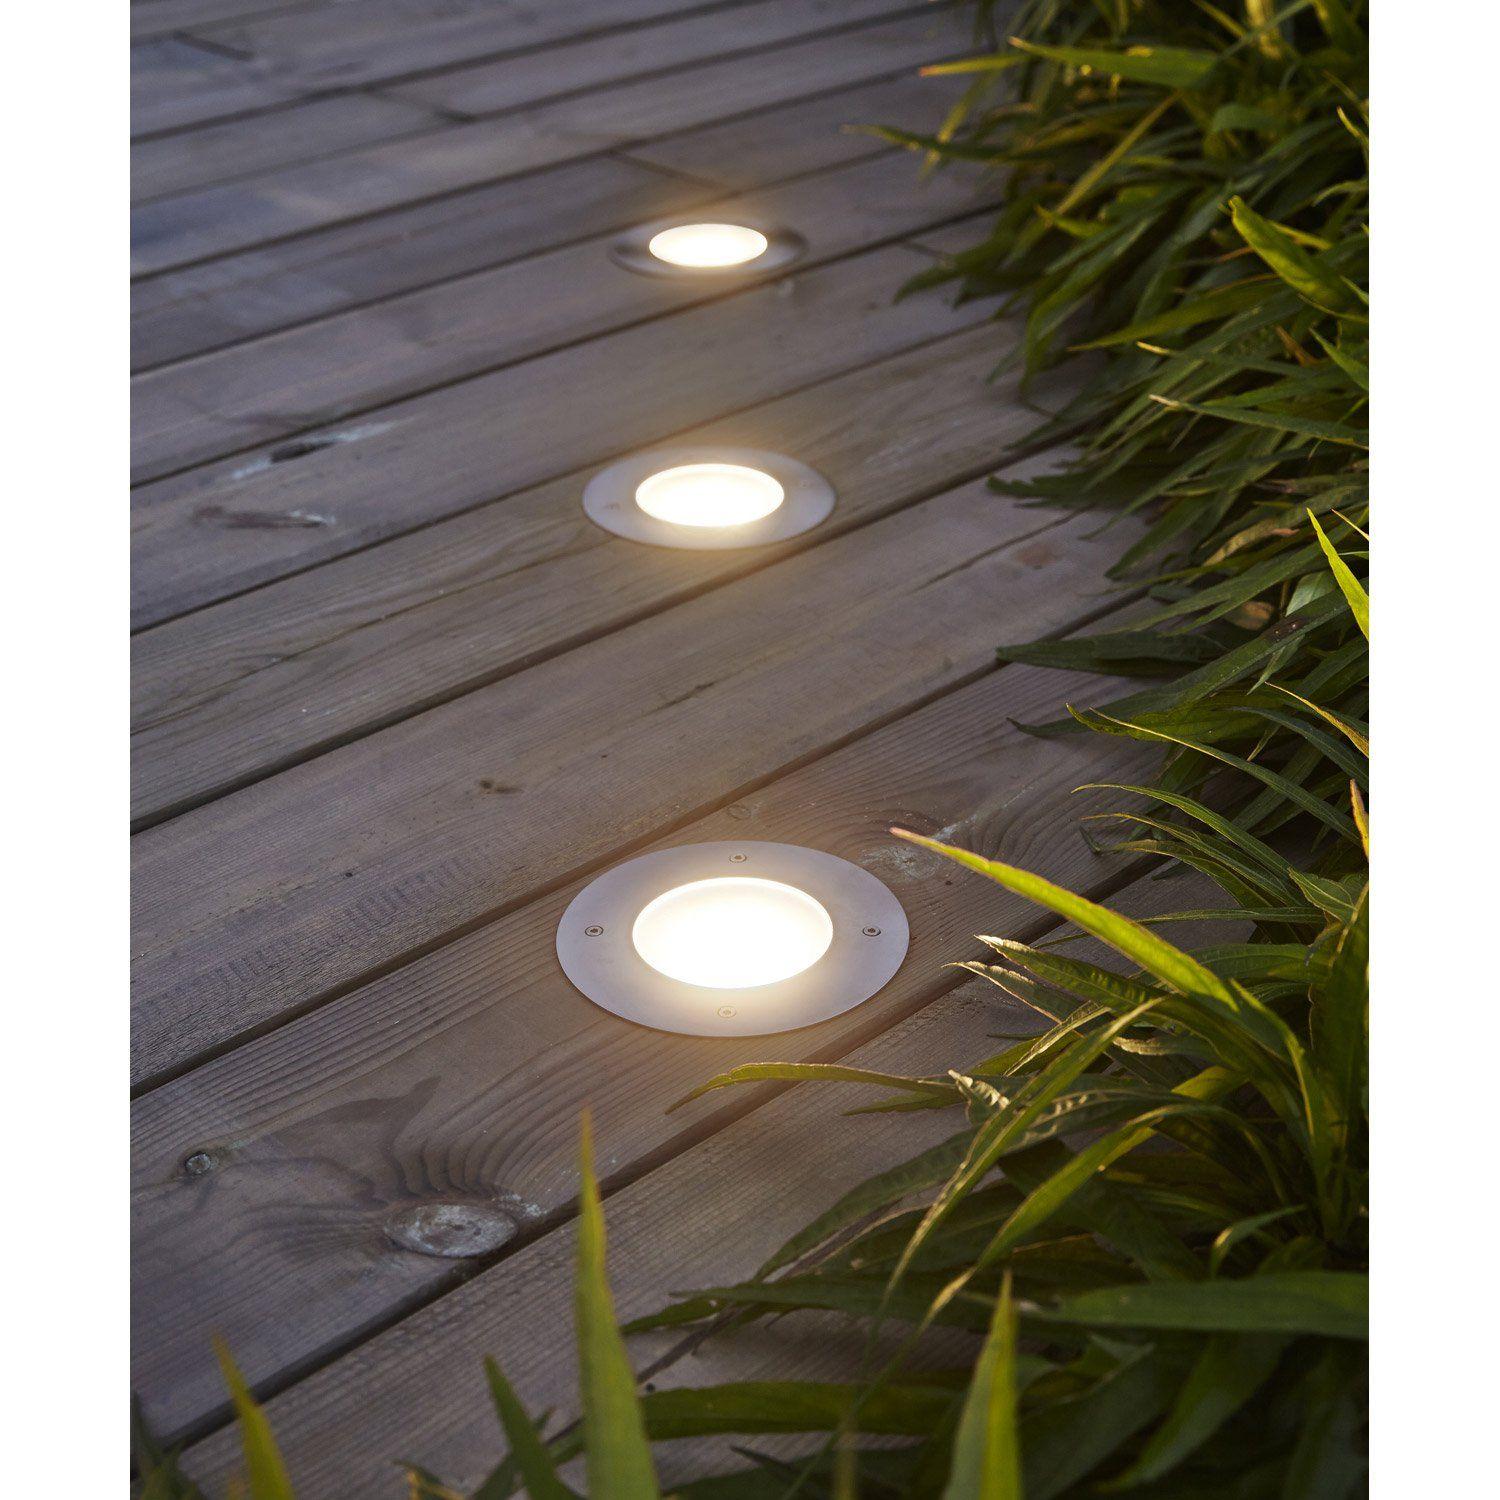 Matiere Principale Plastique Eclairage Terrasse Eclairage Exterieur Terrasse Eclairage Piscine